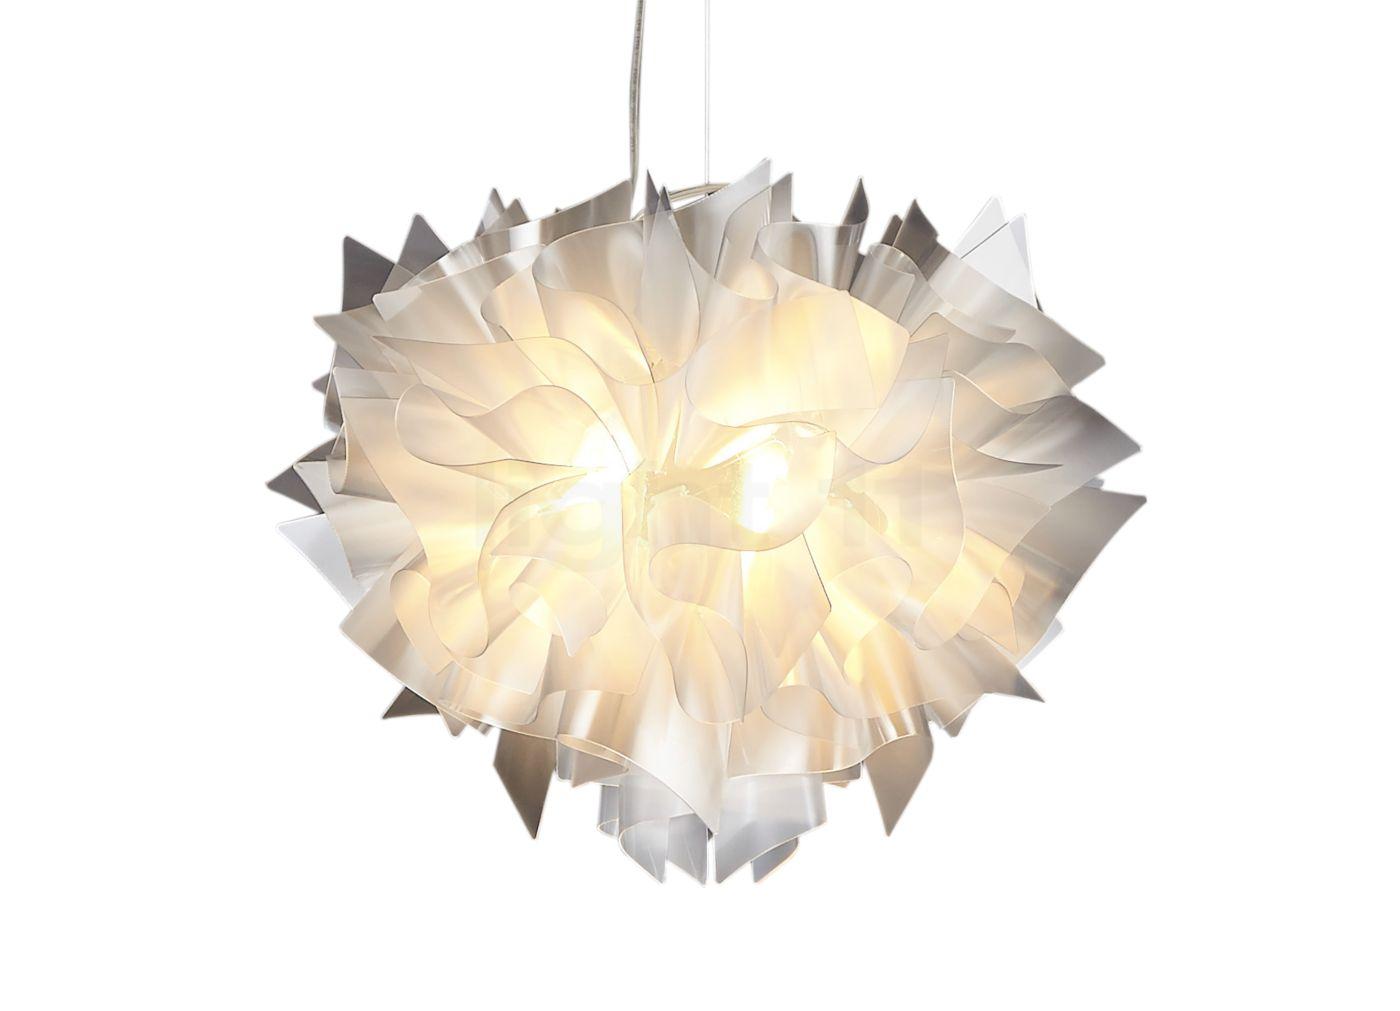 Lampadario Fiorella Slamp : Lampadari slamp lampada da pavimento charlotte di slamp bianca